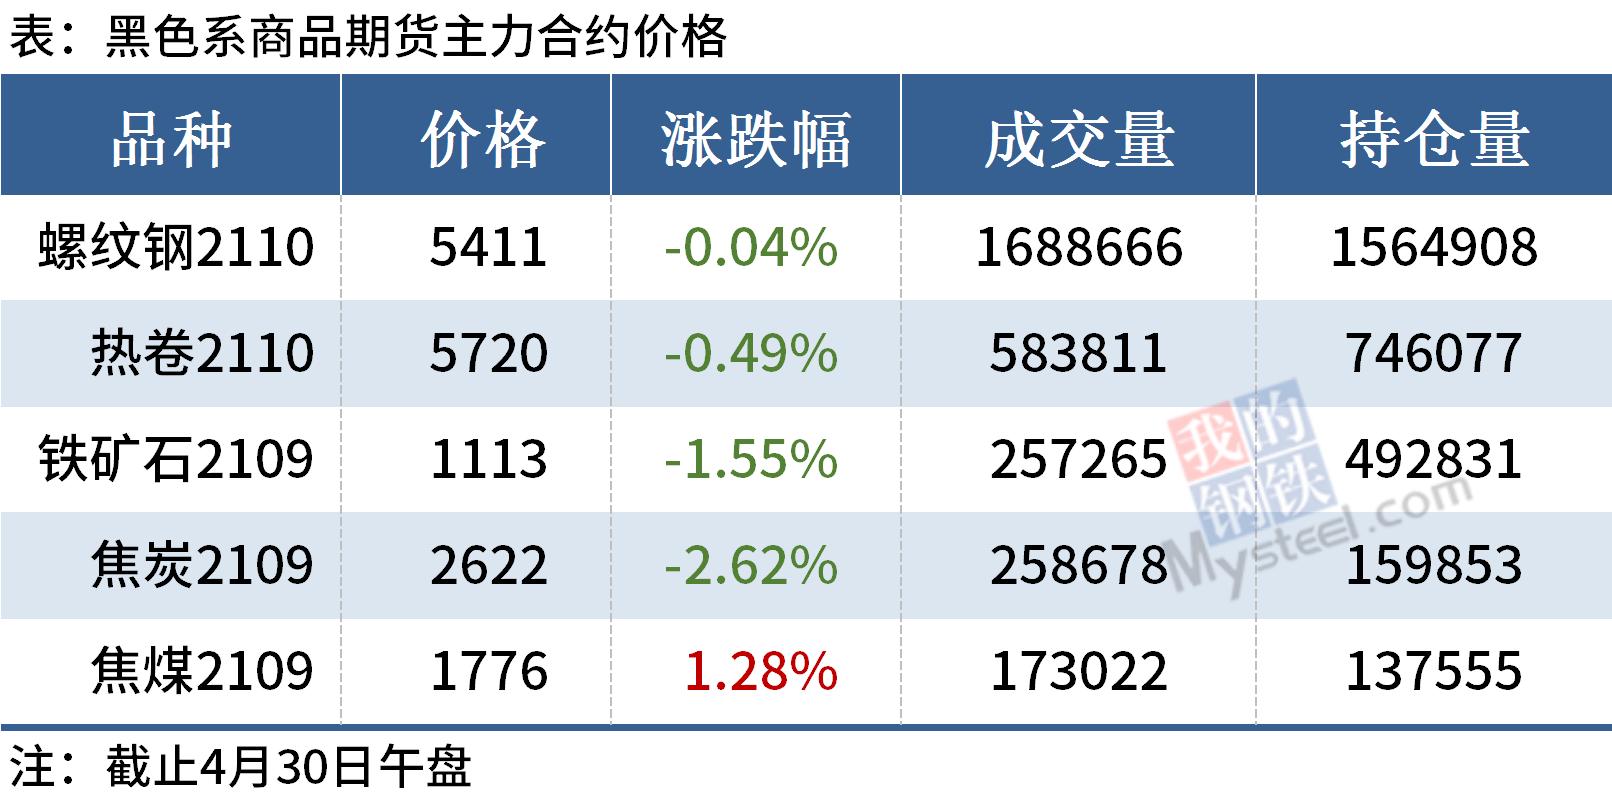 Mysteel午报:钢价涨跌互现,铁矿、焦炭期货明显下跌